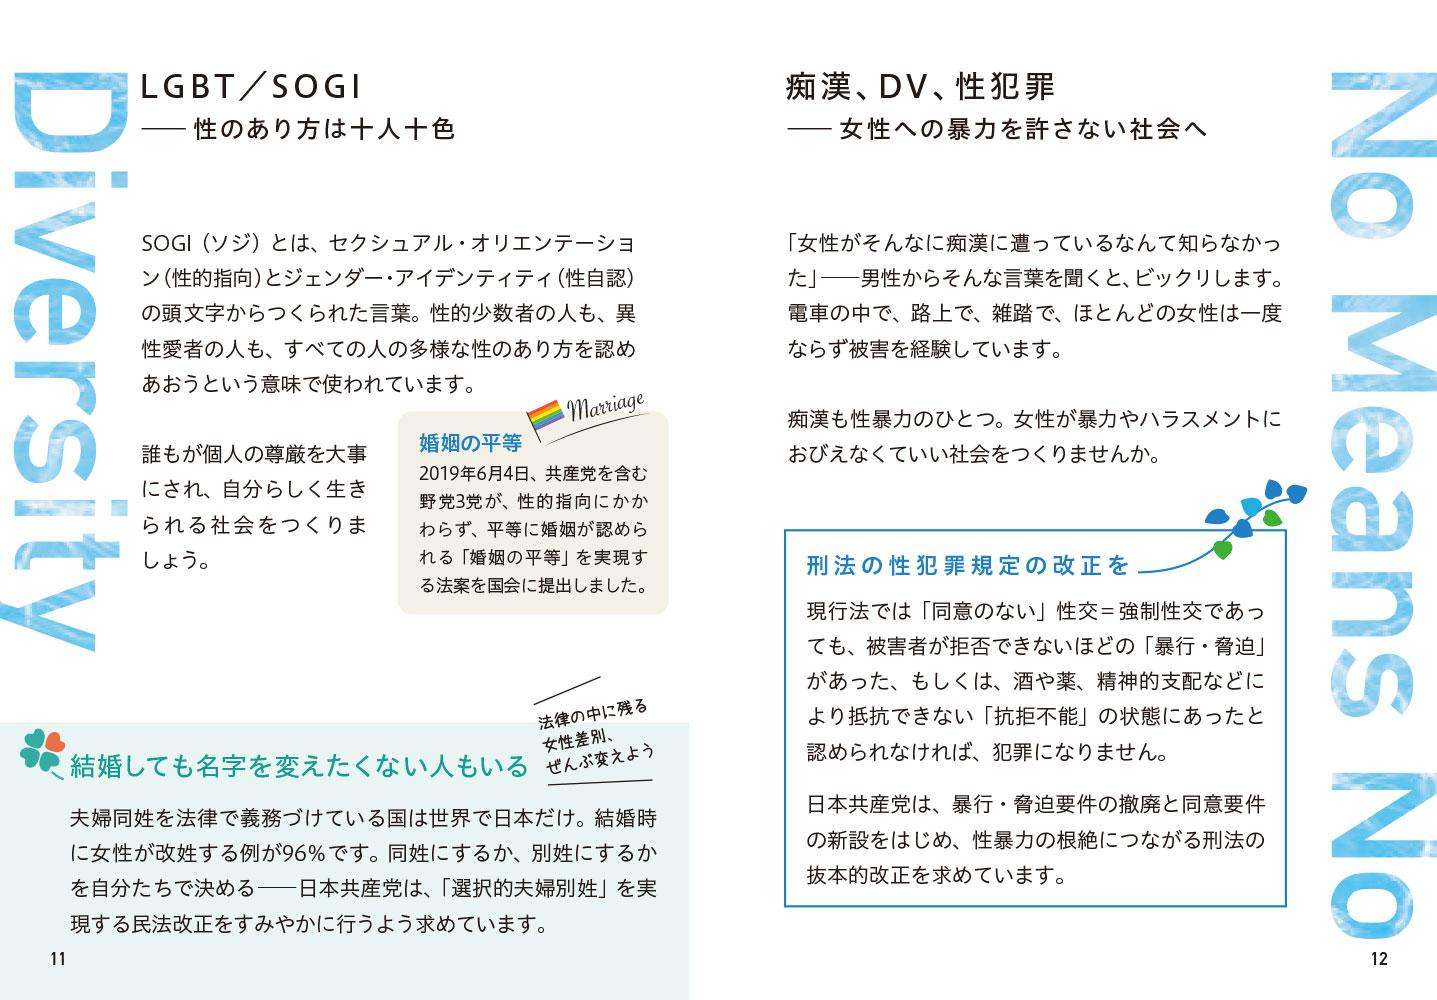 パンフ11-12ページ